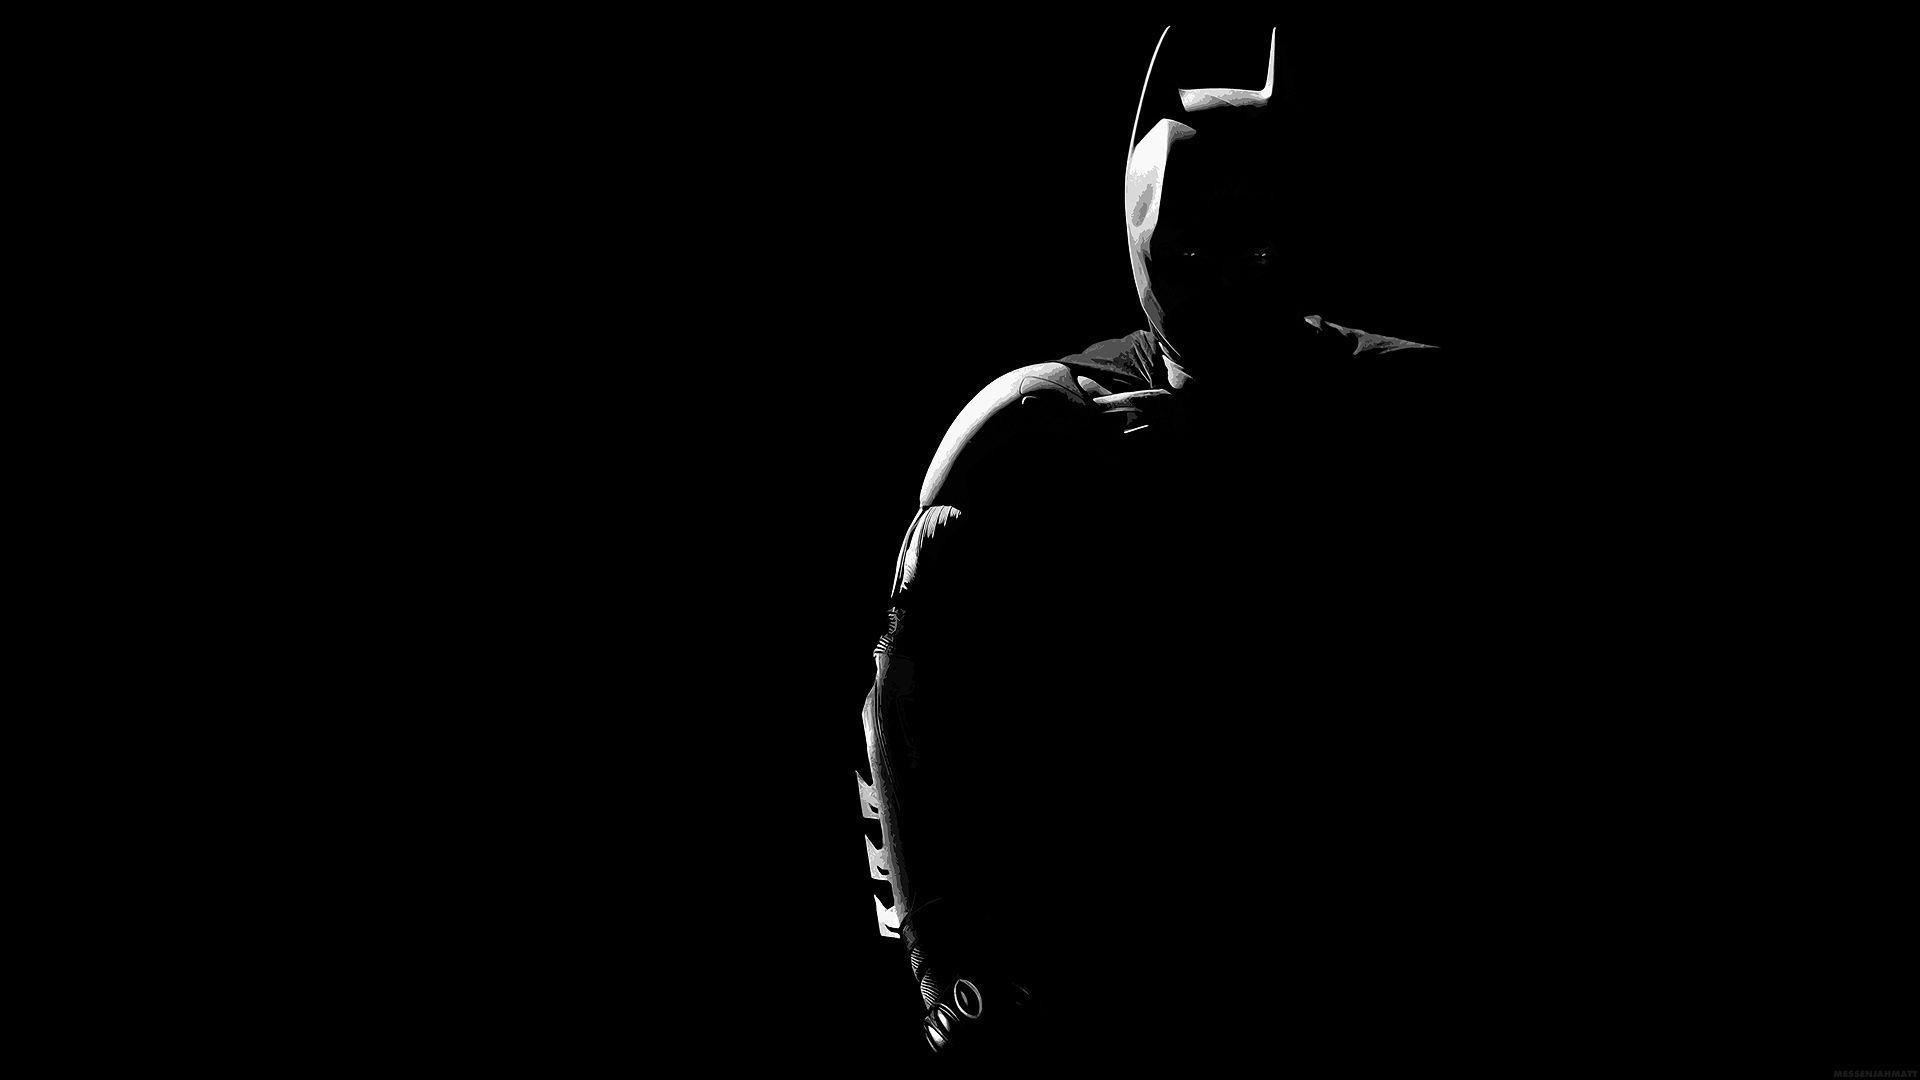 <b>Batman</b> Beyond <b>HD Wallpaper</